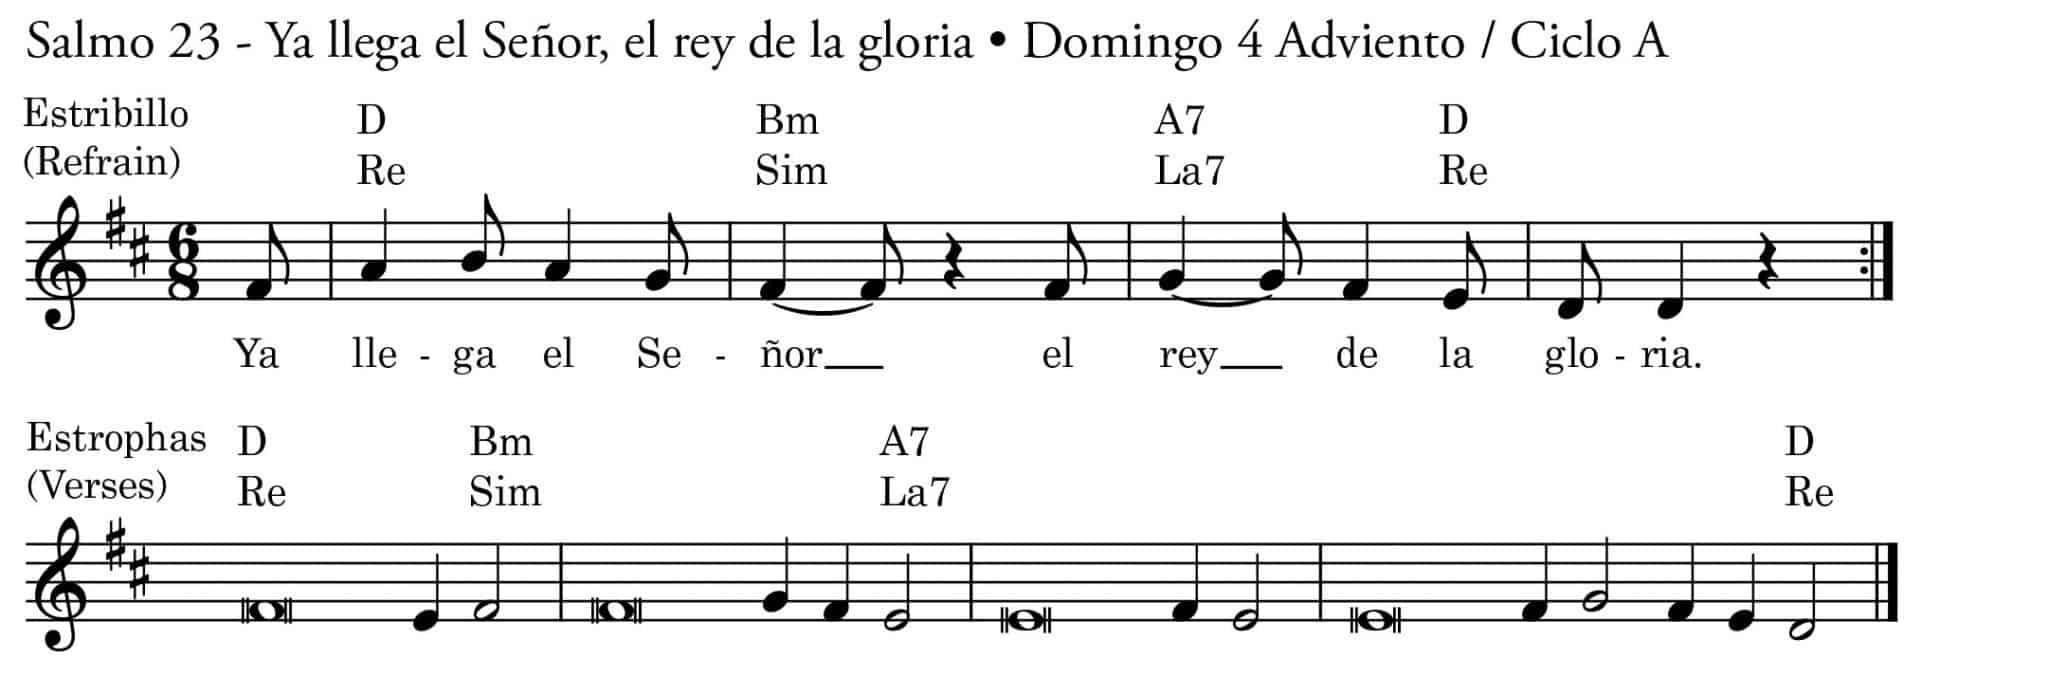 Domingo 4 Adviento A Salmo 23 Ya llega el Señor, el rey de la gloria